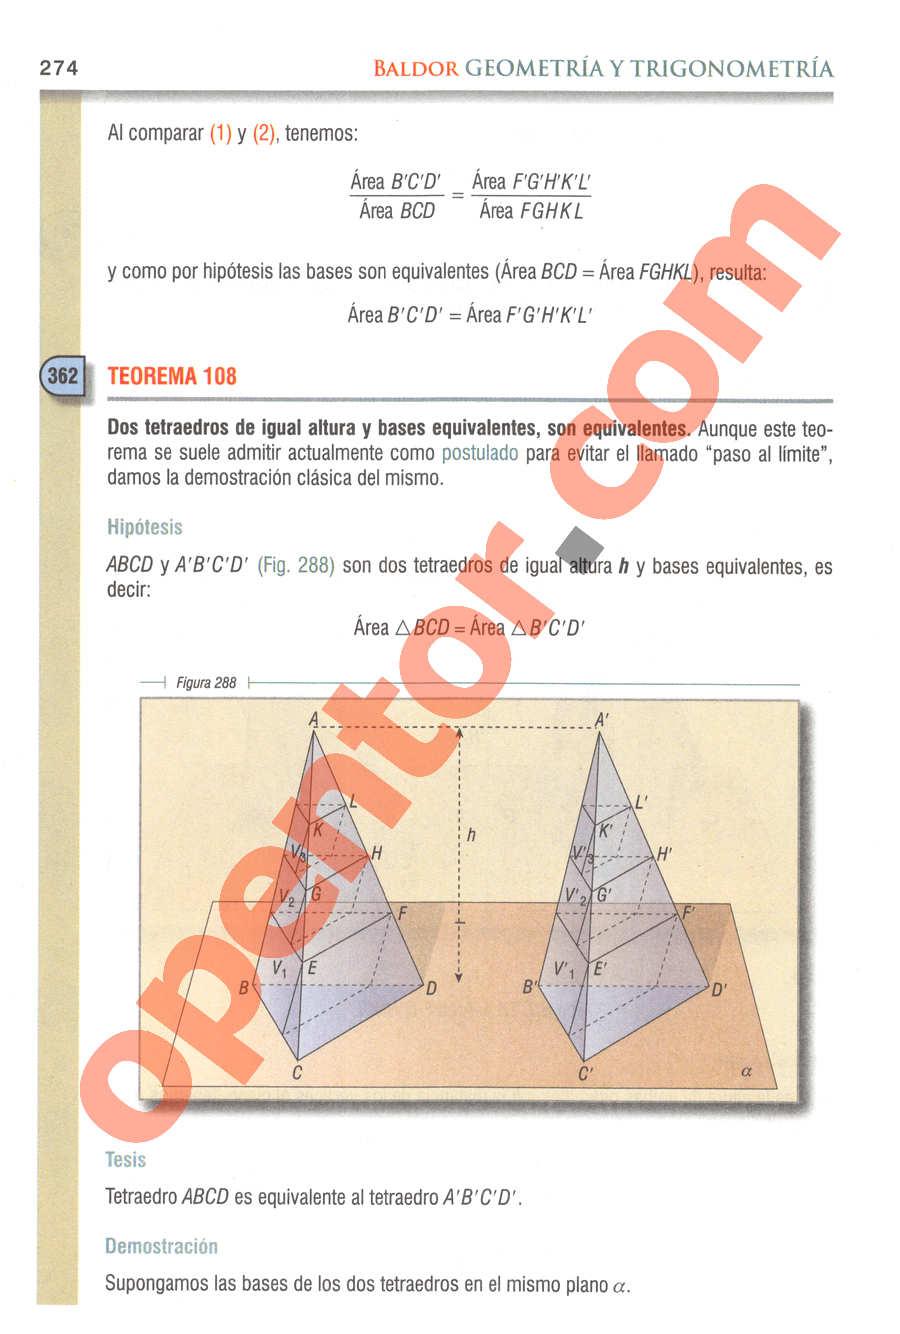 Geometría y Trigonometría de Baldor - Página 274